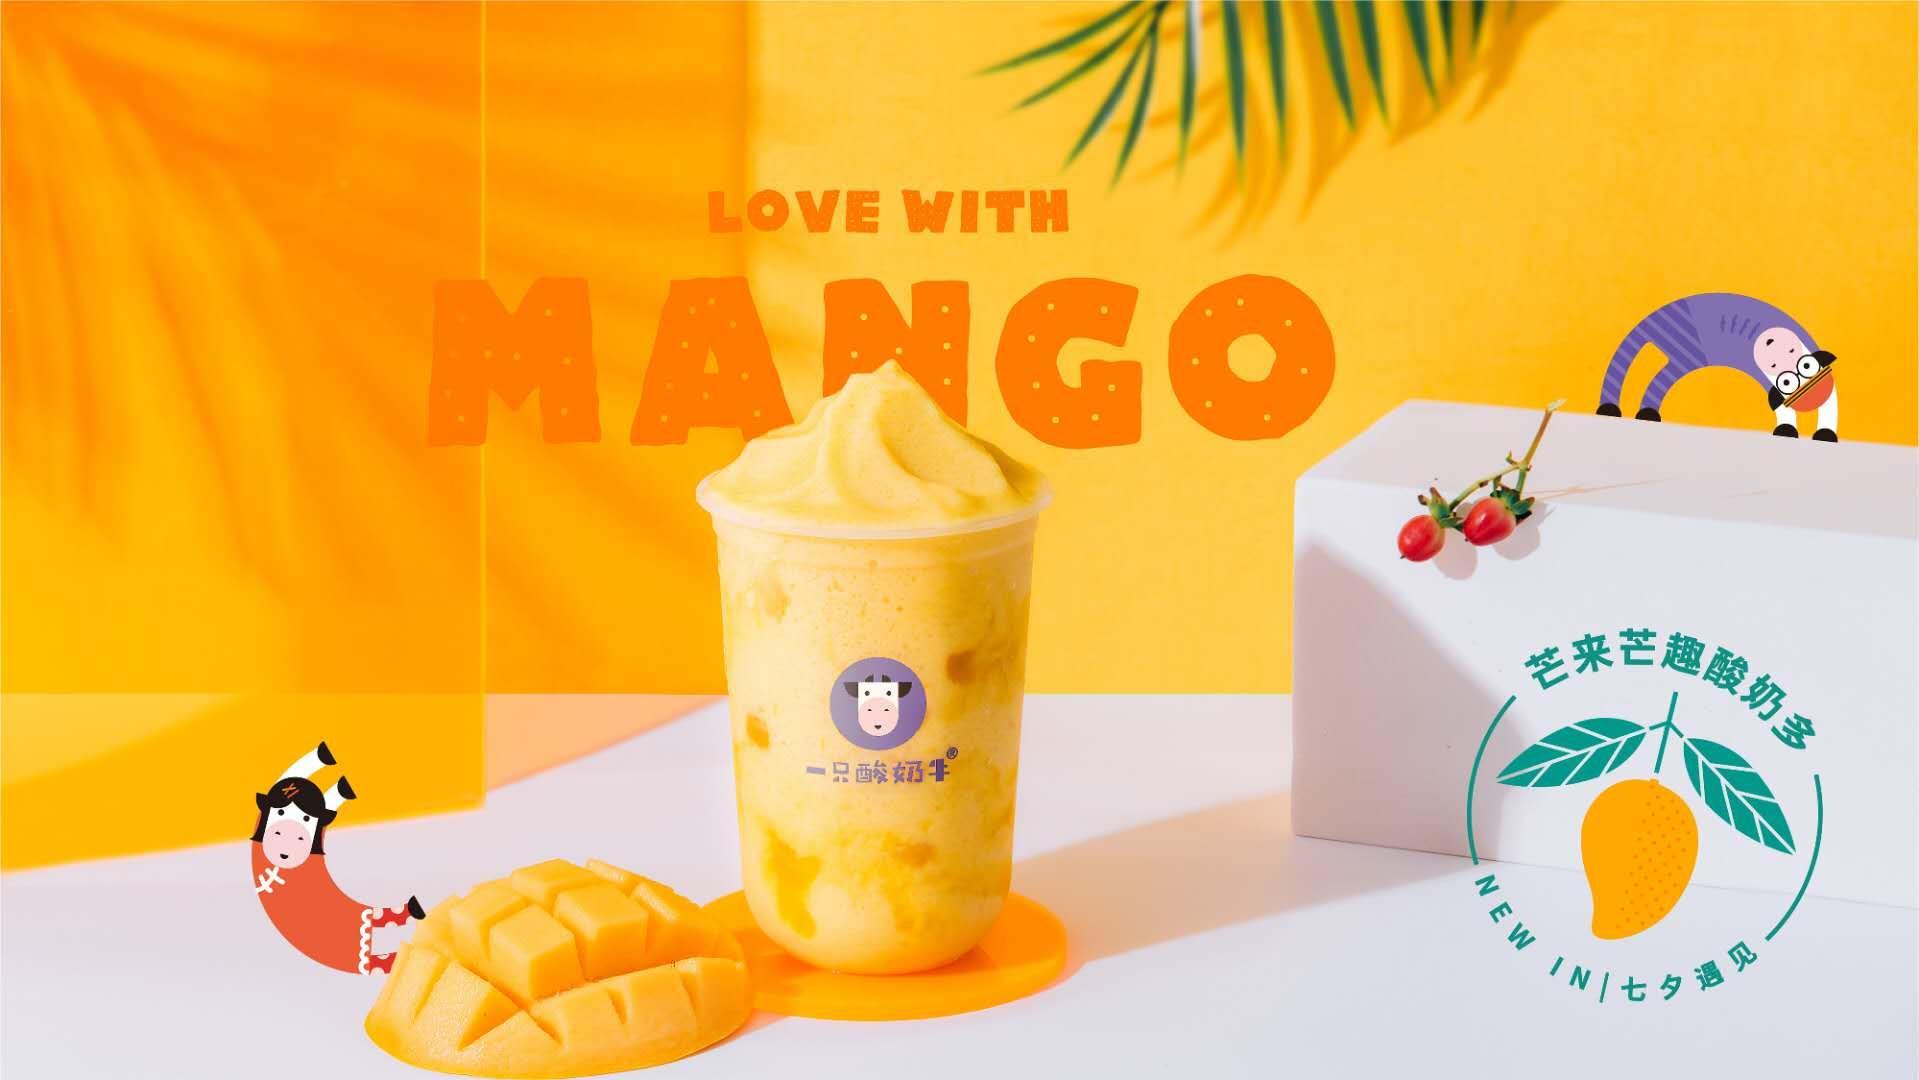 一只酸奶牛产品6